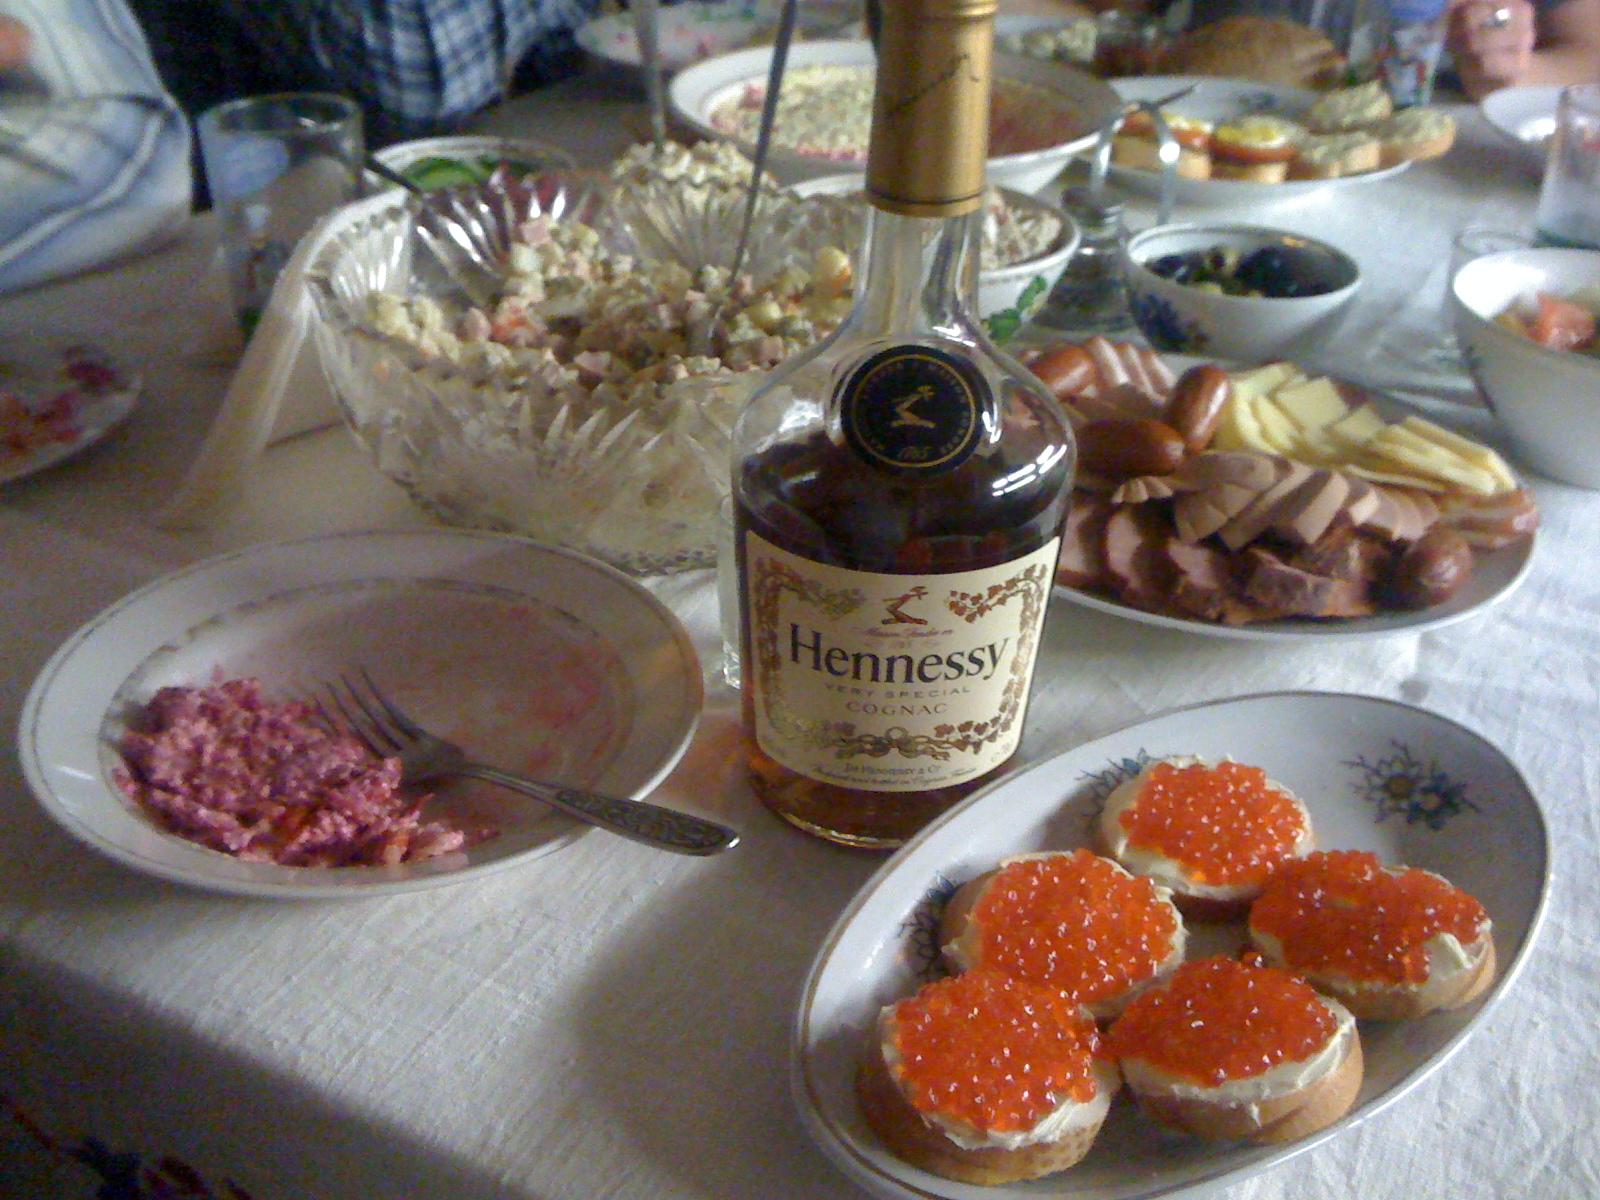 Селёдка под шубой, коньяк и красная икра)